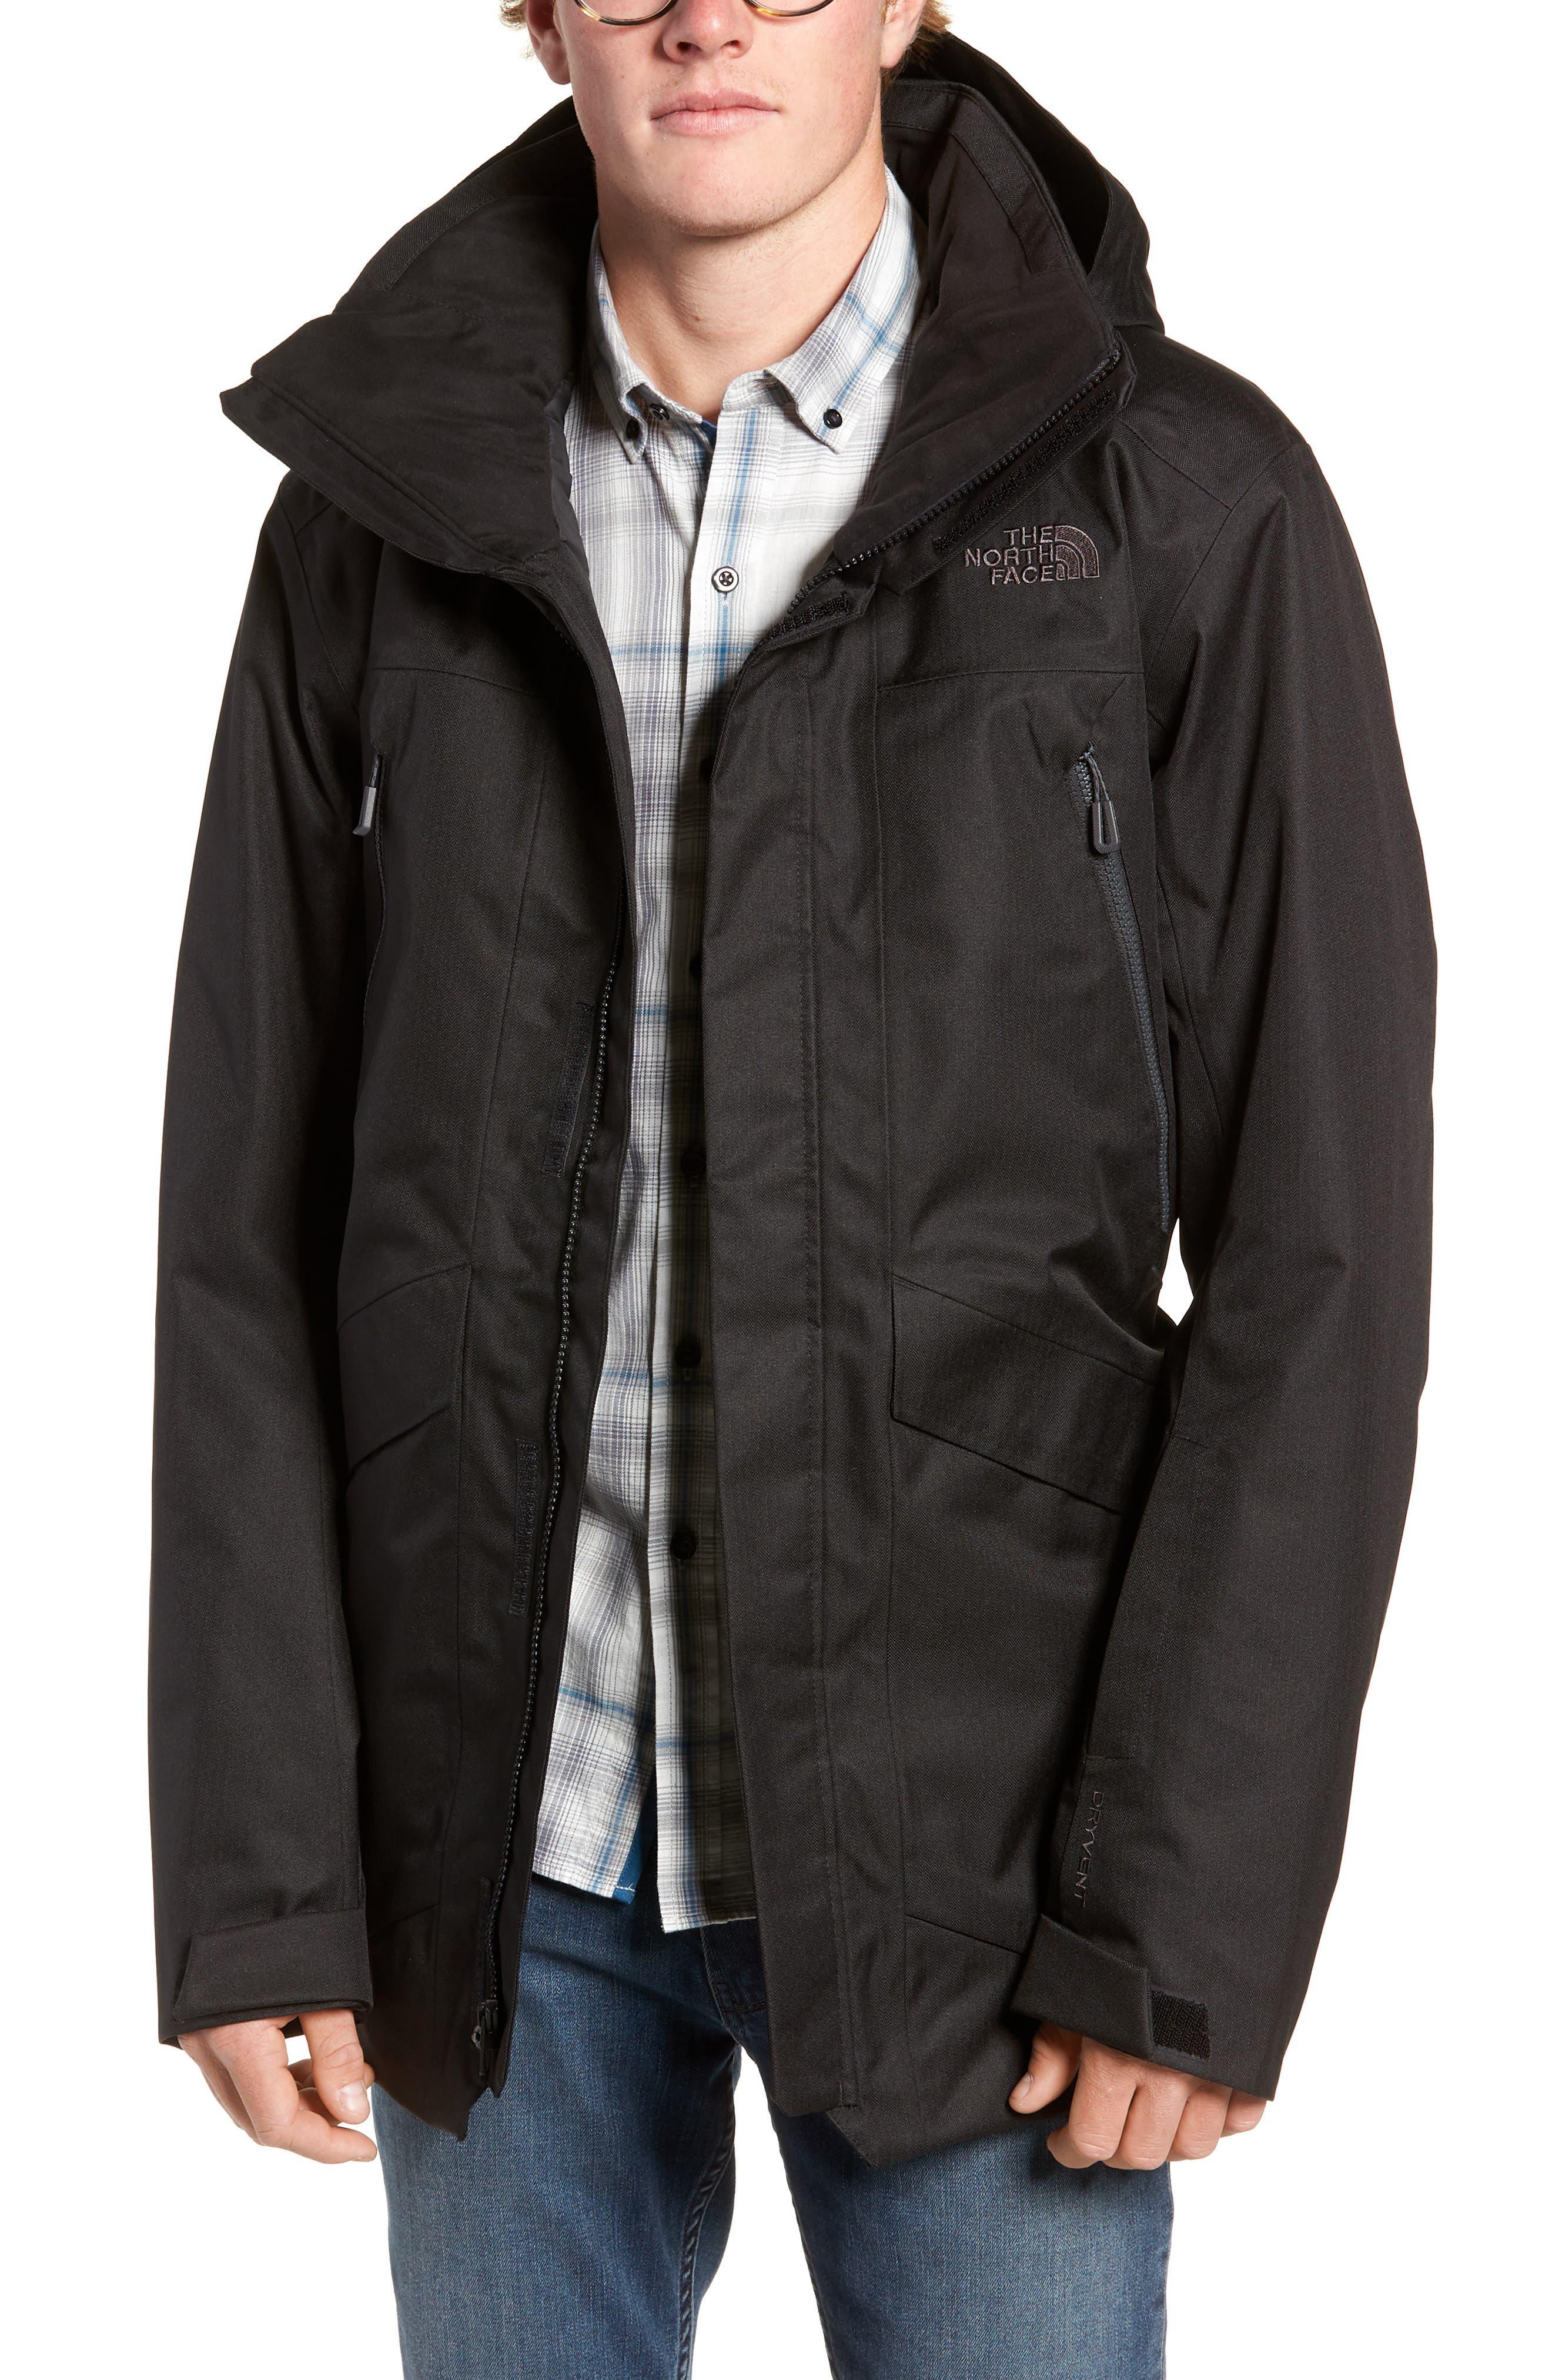 Gatekeeper Waterproof Jacket,                         Main,                         color, TNF BLACK/TNF BLACK